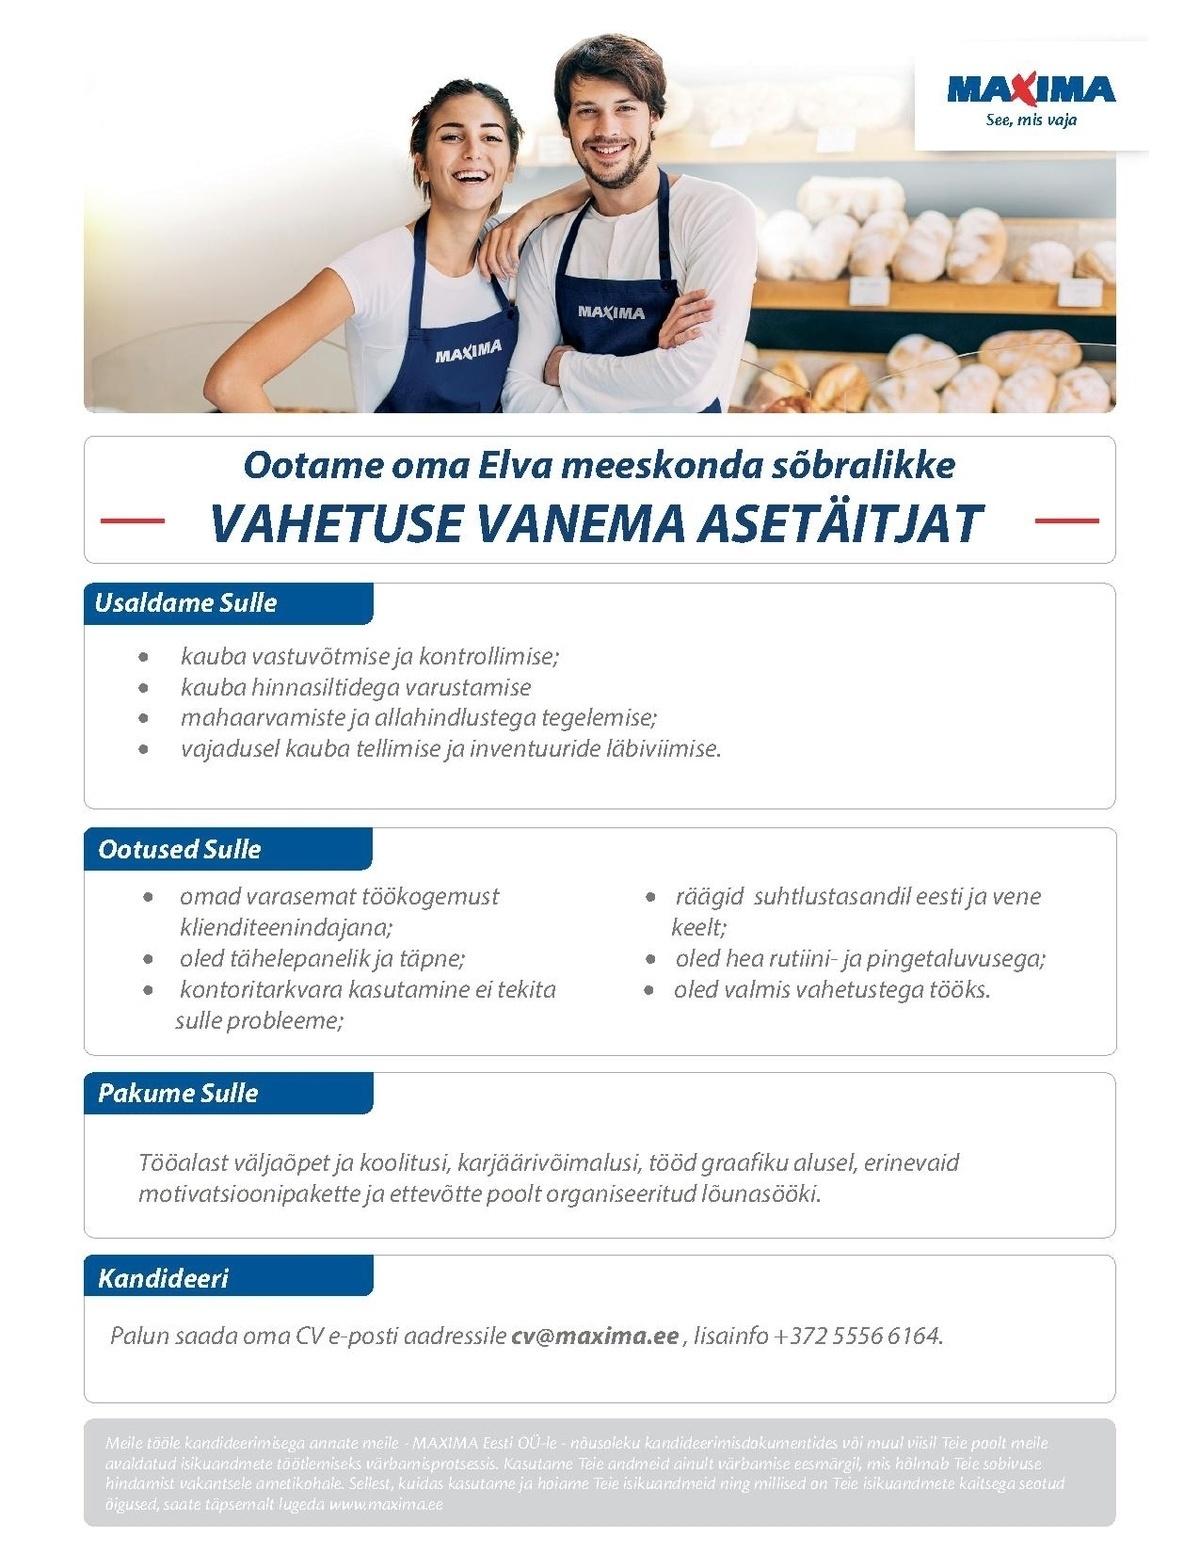 CV Keskus tööpakkumine Maxima Eesti OÜ Vahetuse vanema